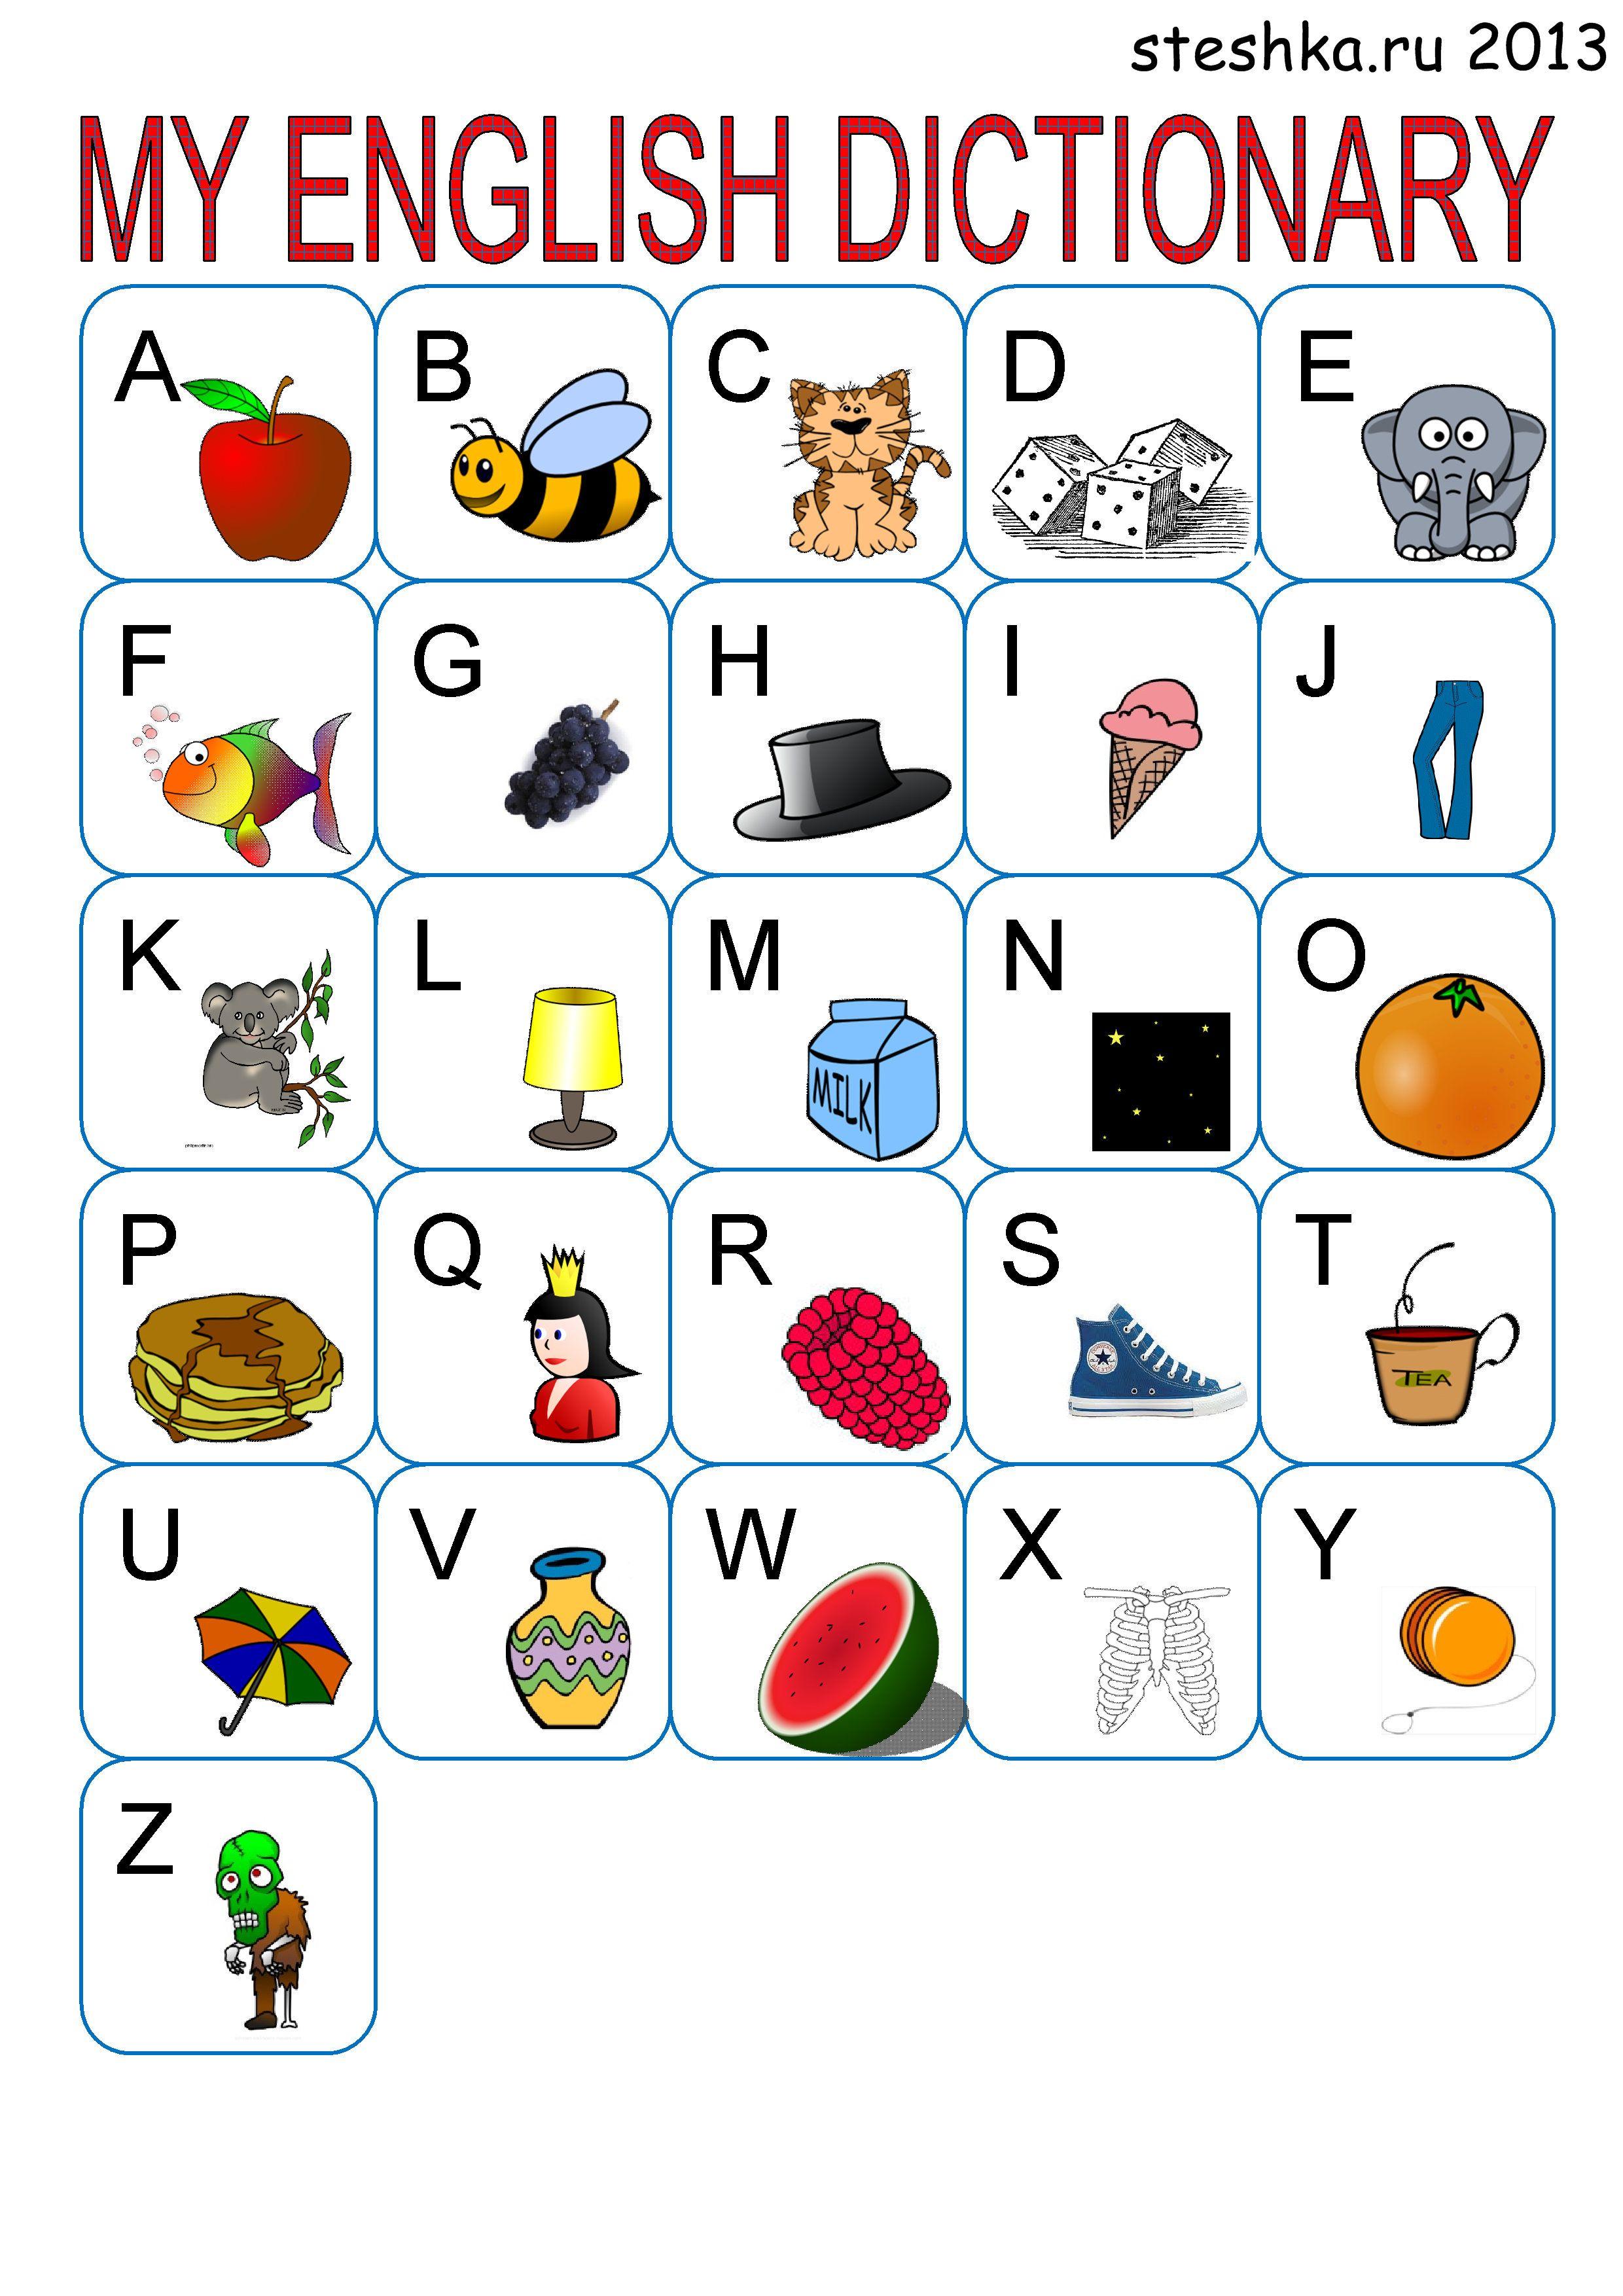 Задание по английскому языку 2 класс сделать азбуку книгу